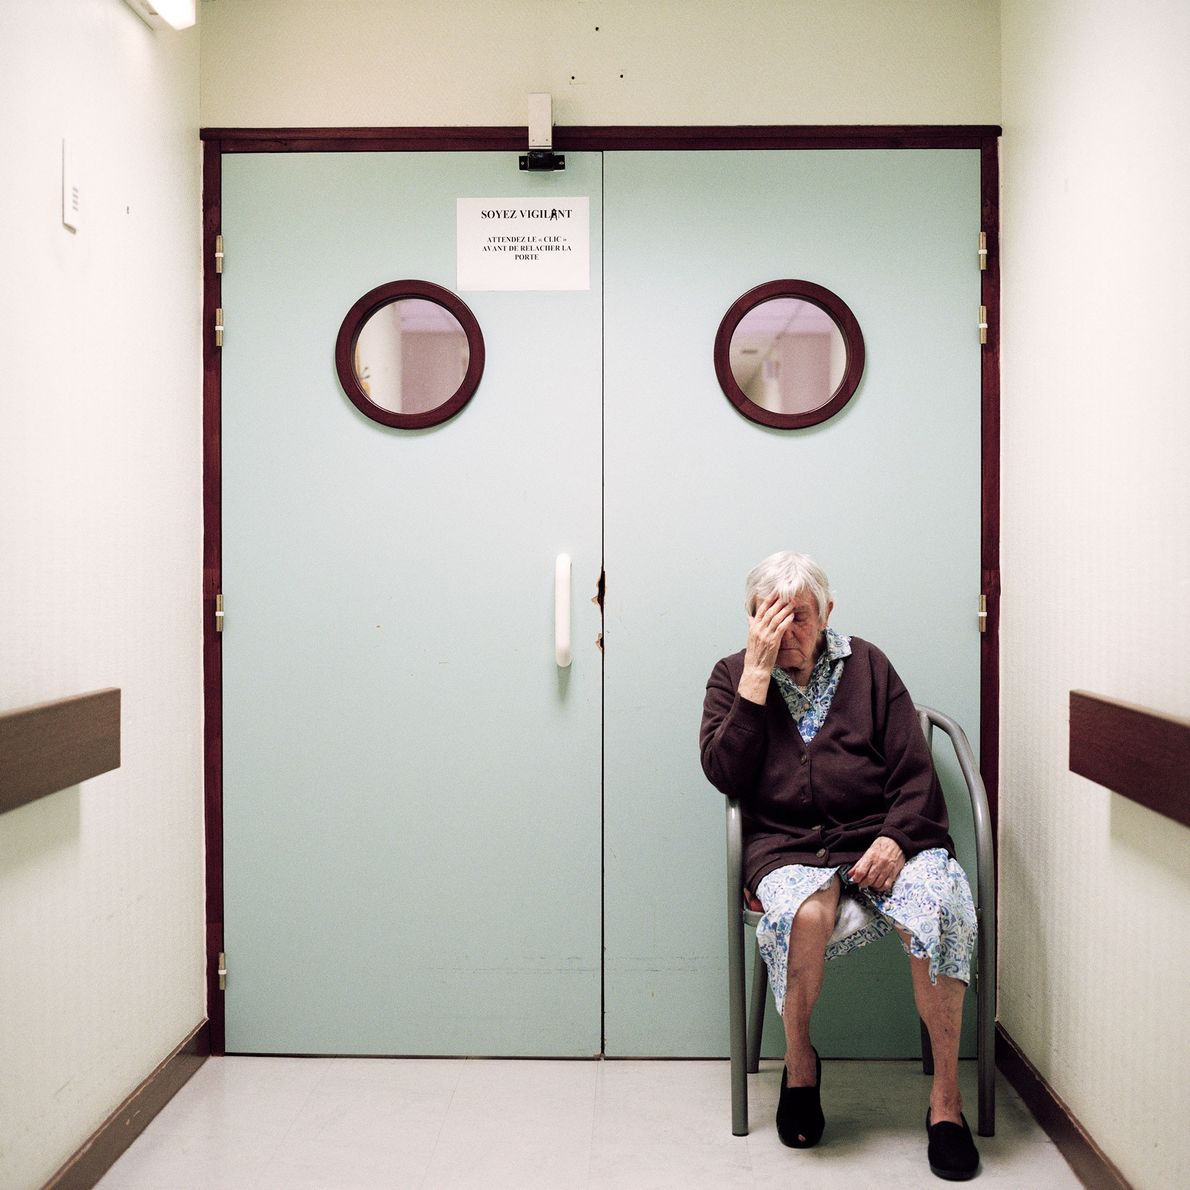 Une résidente est assise devant la porte verrouillée menant à la sortie du département.